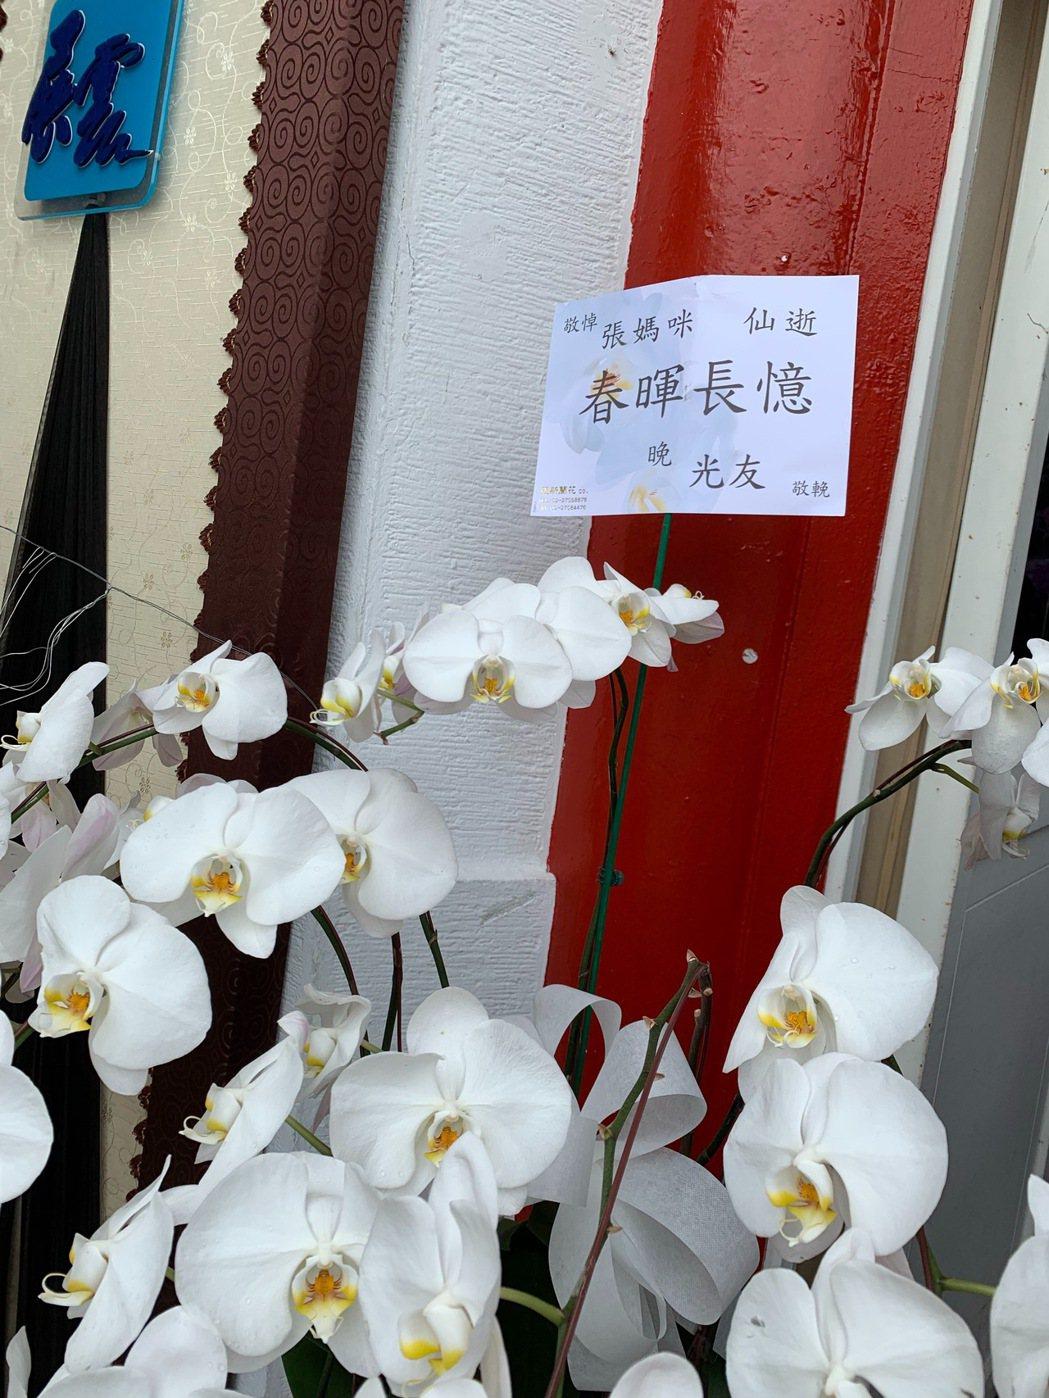 張正藍前夫楊光友送上花籃致意。記者陳慧貞/攝影